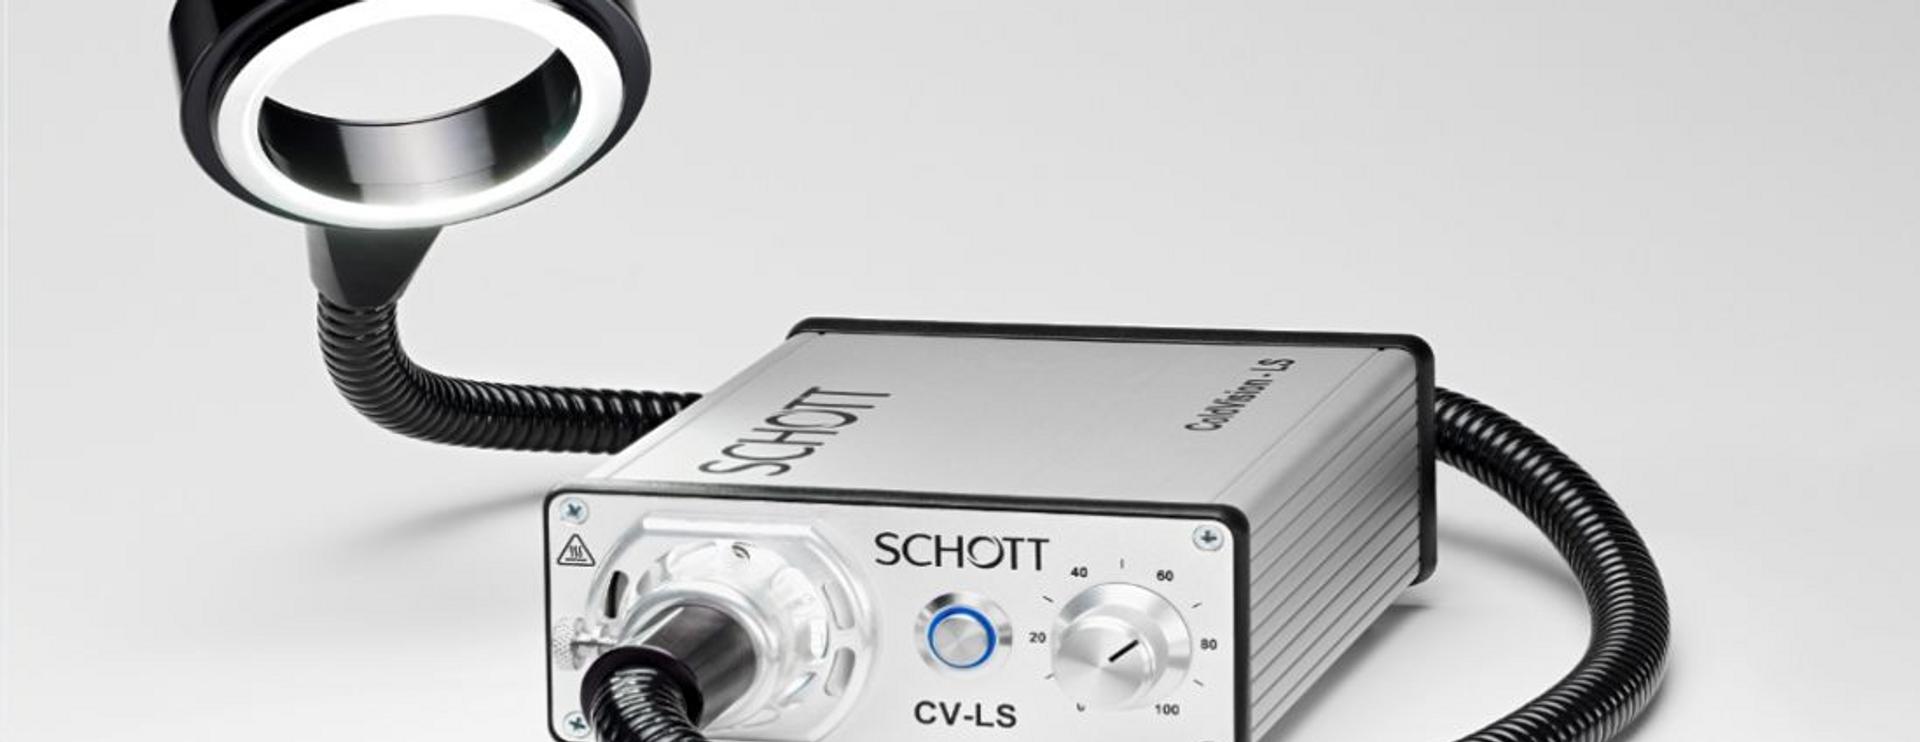 schott A20980 CV-LS